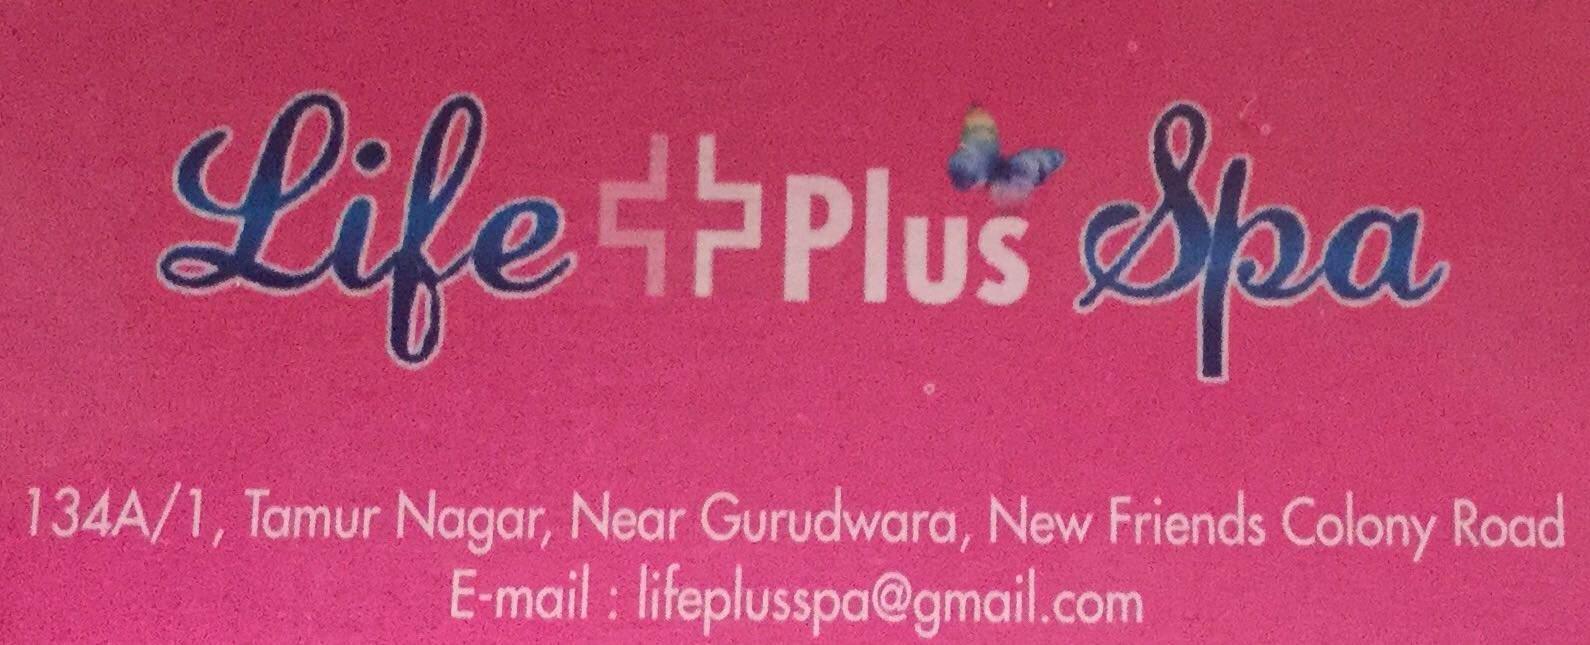 Life Plus Spa - New Friends Colony - Delhi Image